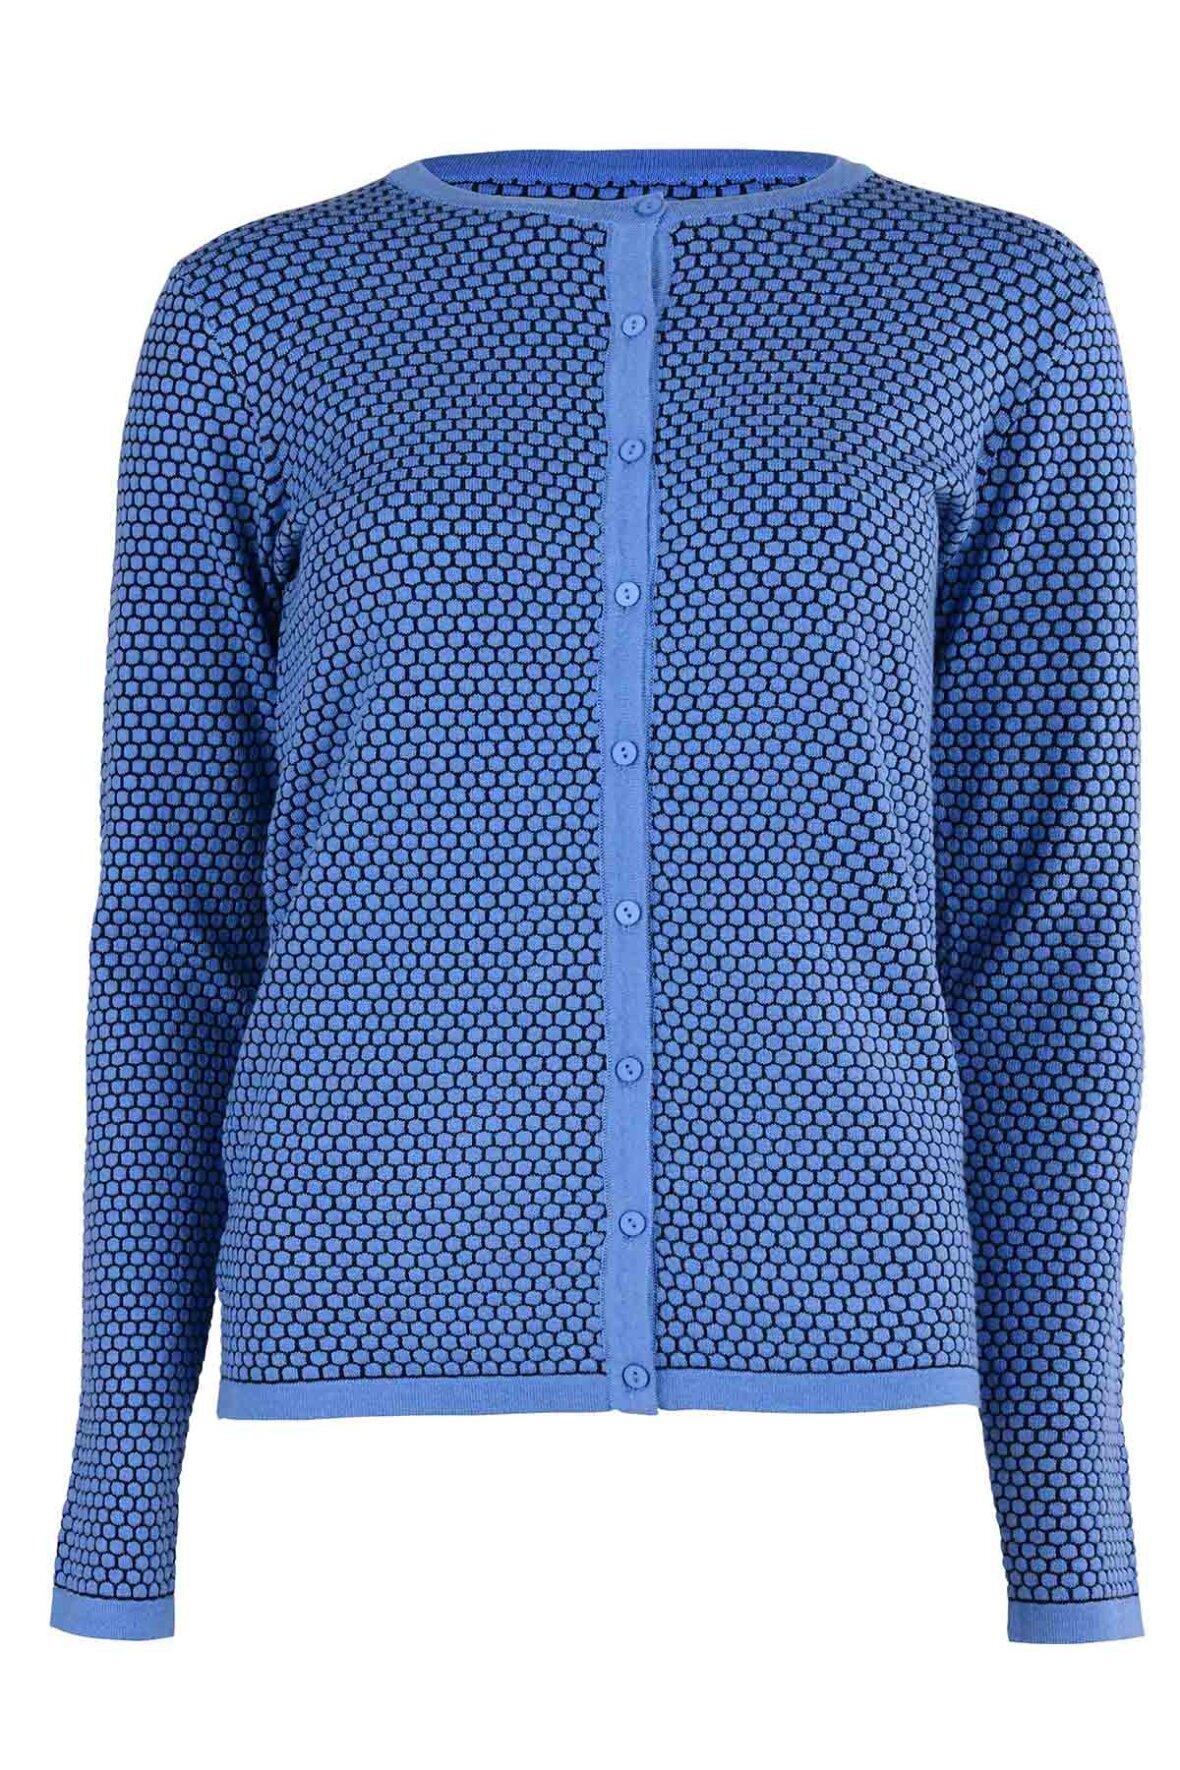 122a43b7 Soya Concept Niaka Knit strikket cardigan i blå - Hos Lohse